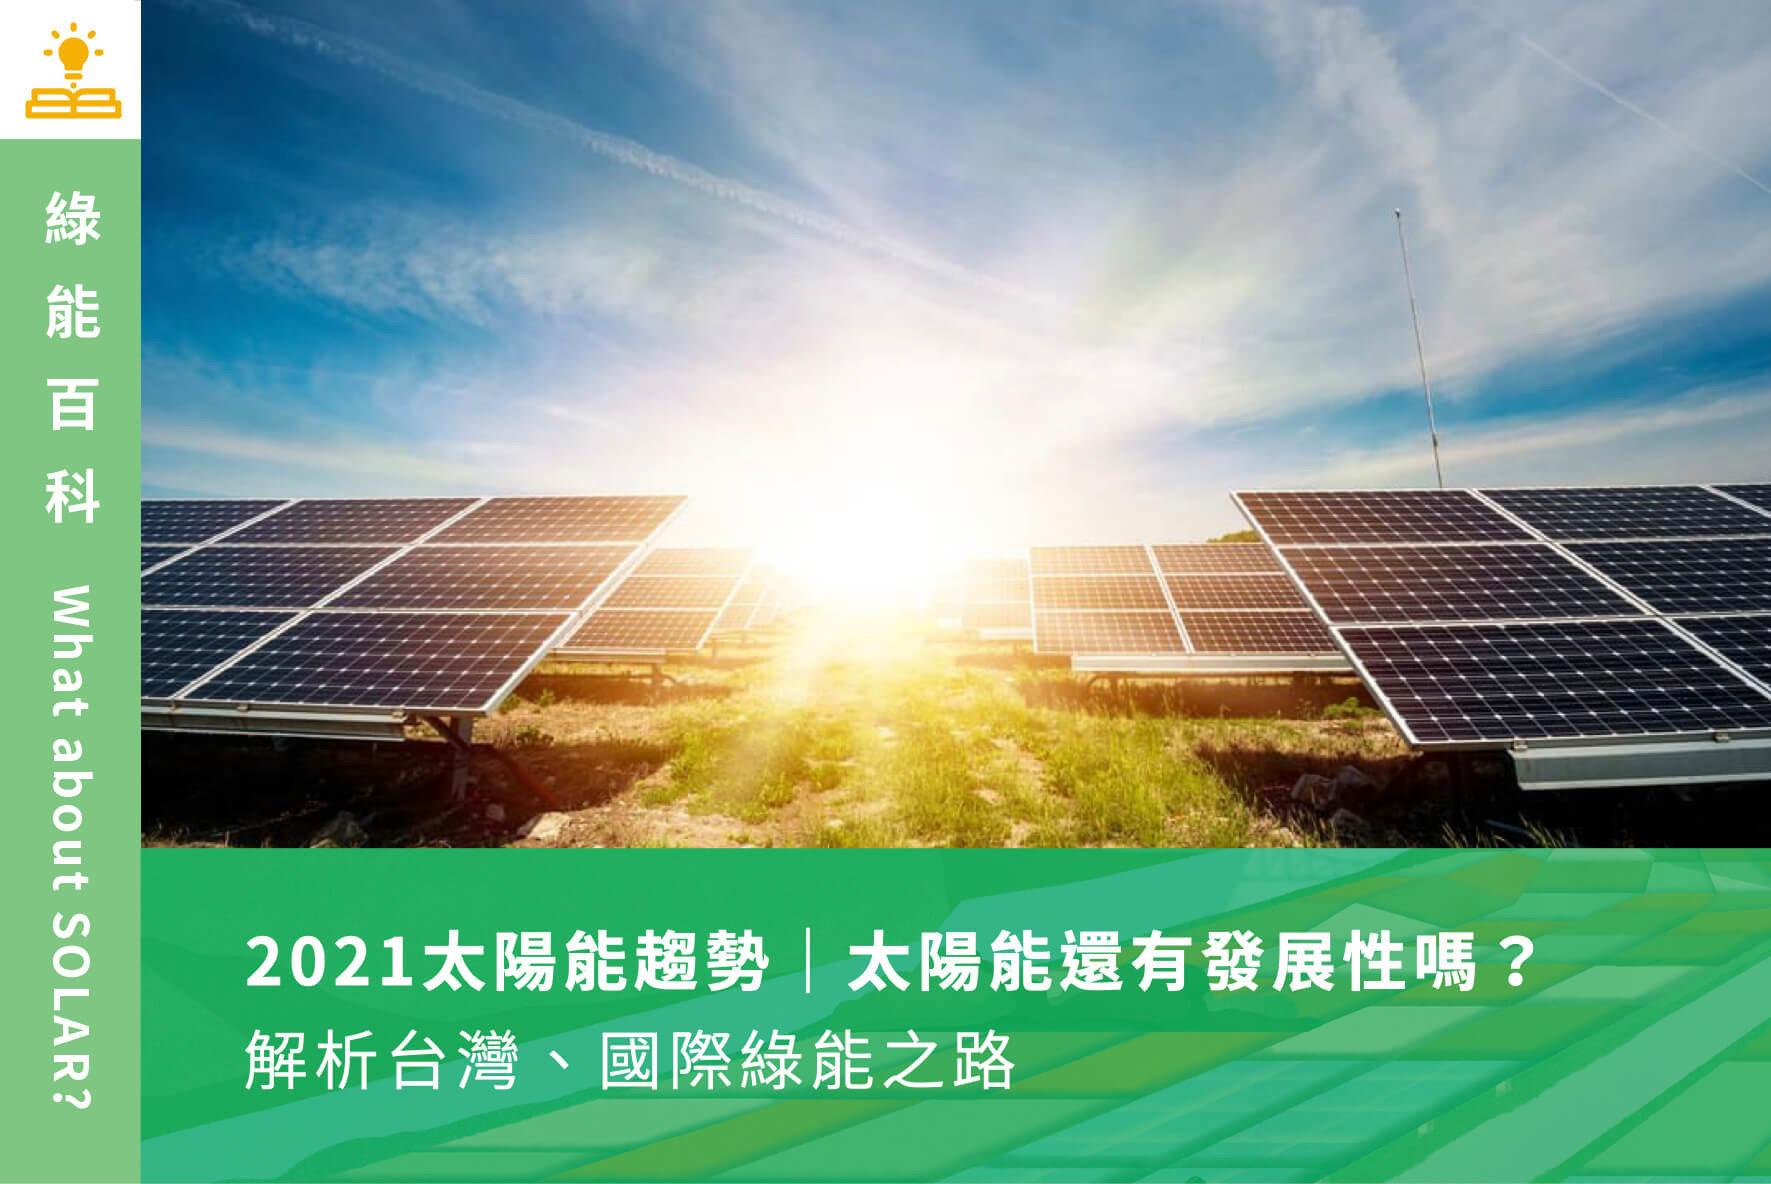 2021太陽能趨勢|太陽能還有發展性嗎?解析台灣、國際綠能之路